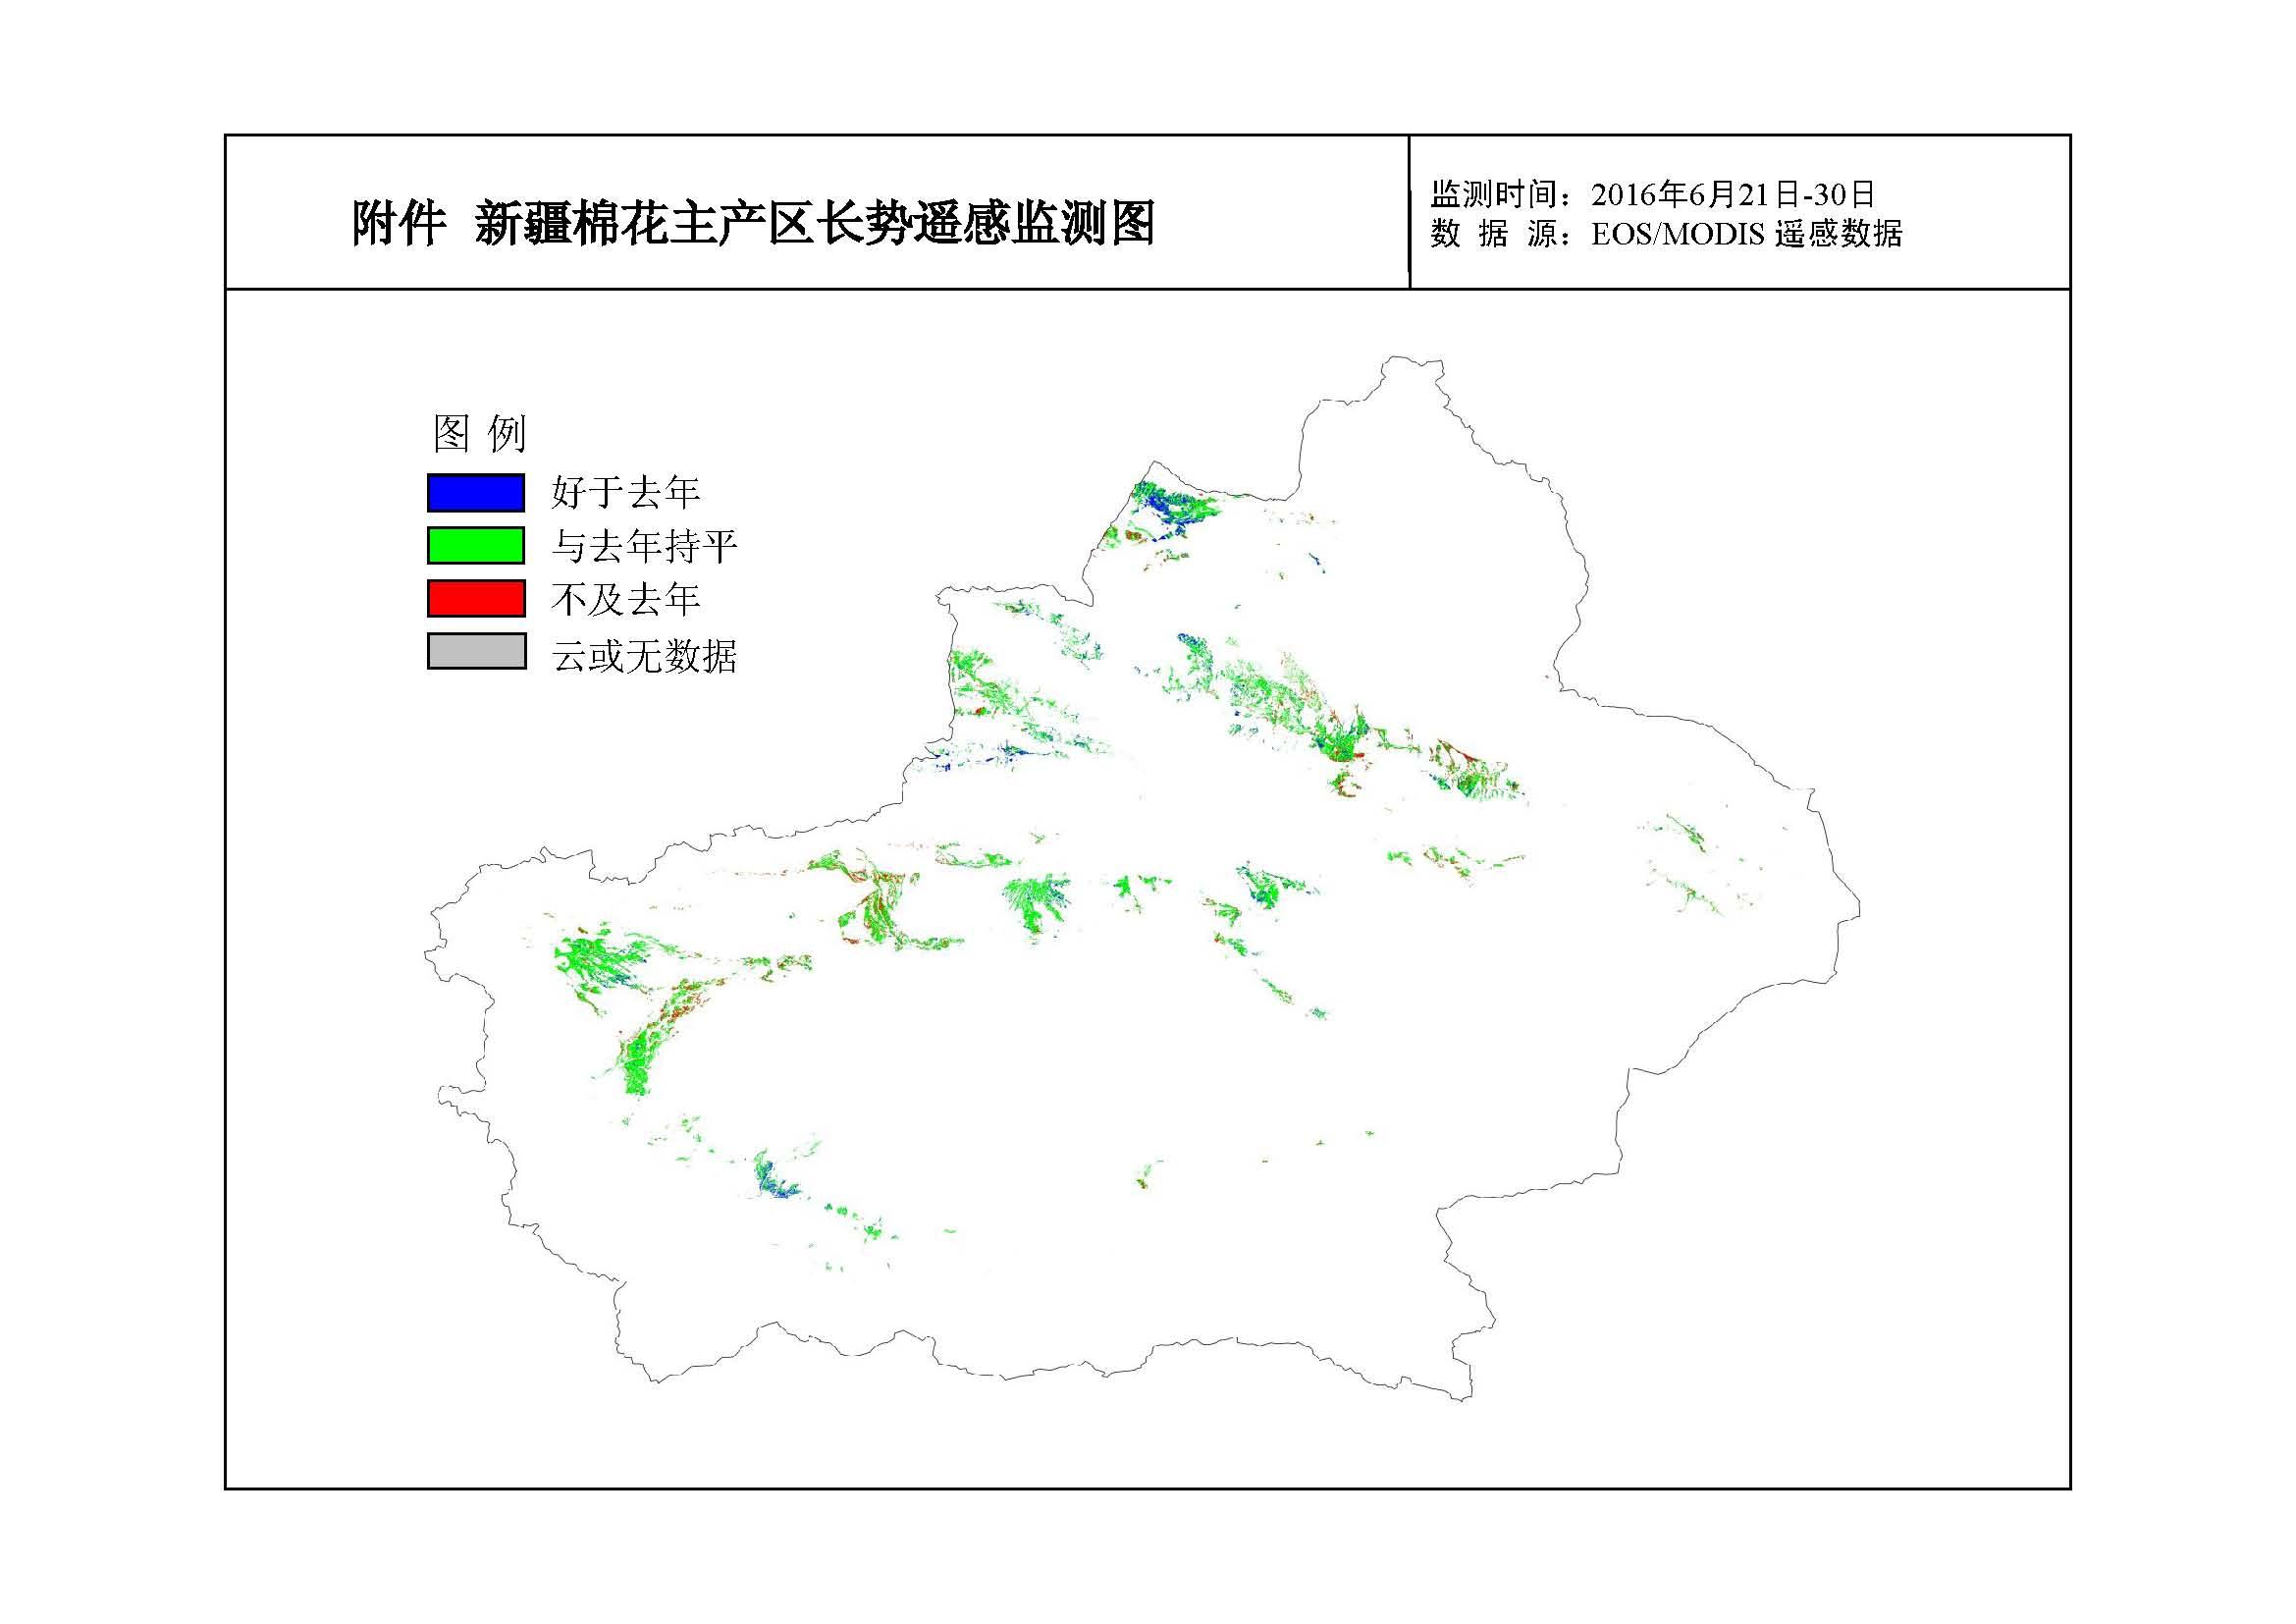 南疆环塔里木盆地西北部和西部局部地区